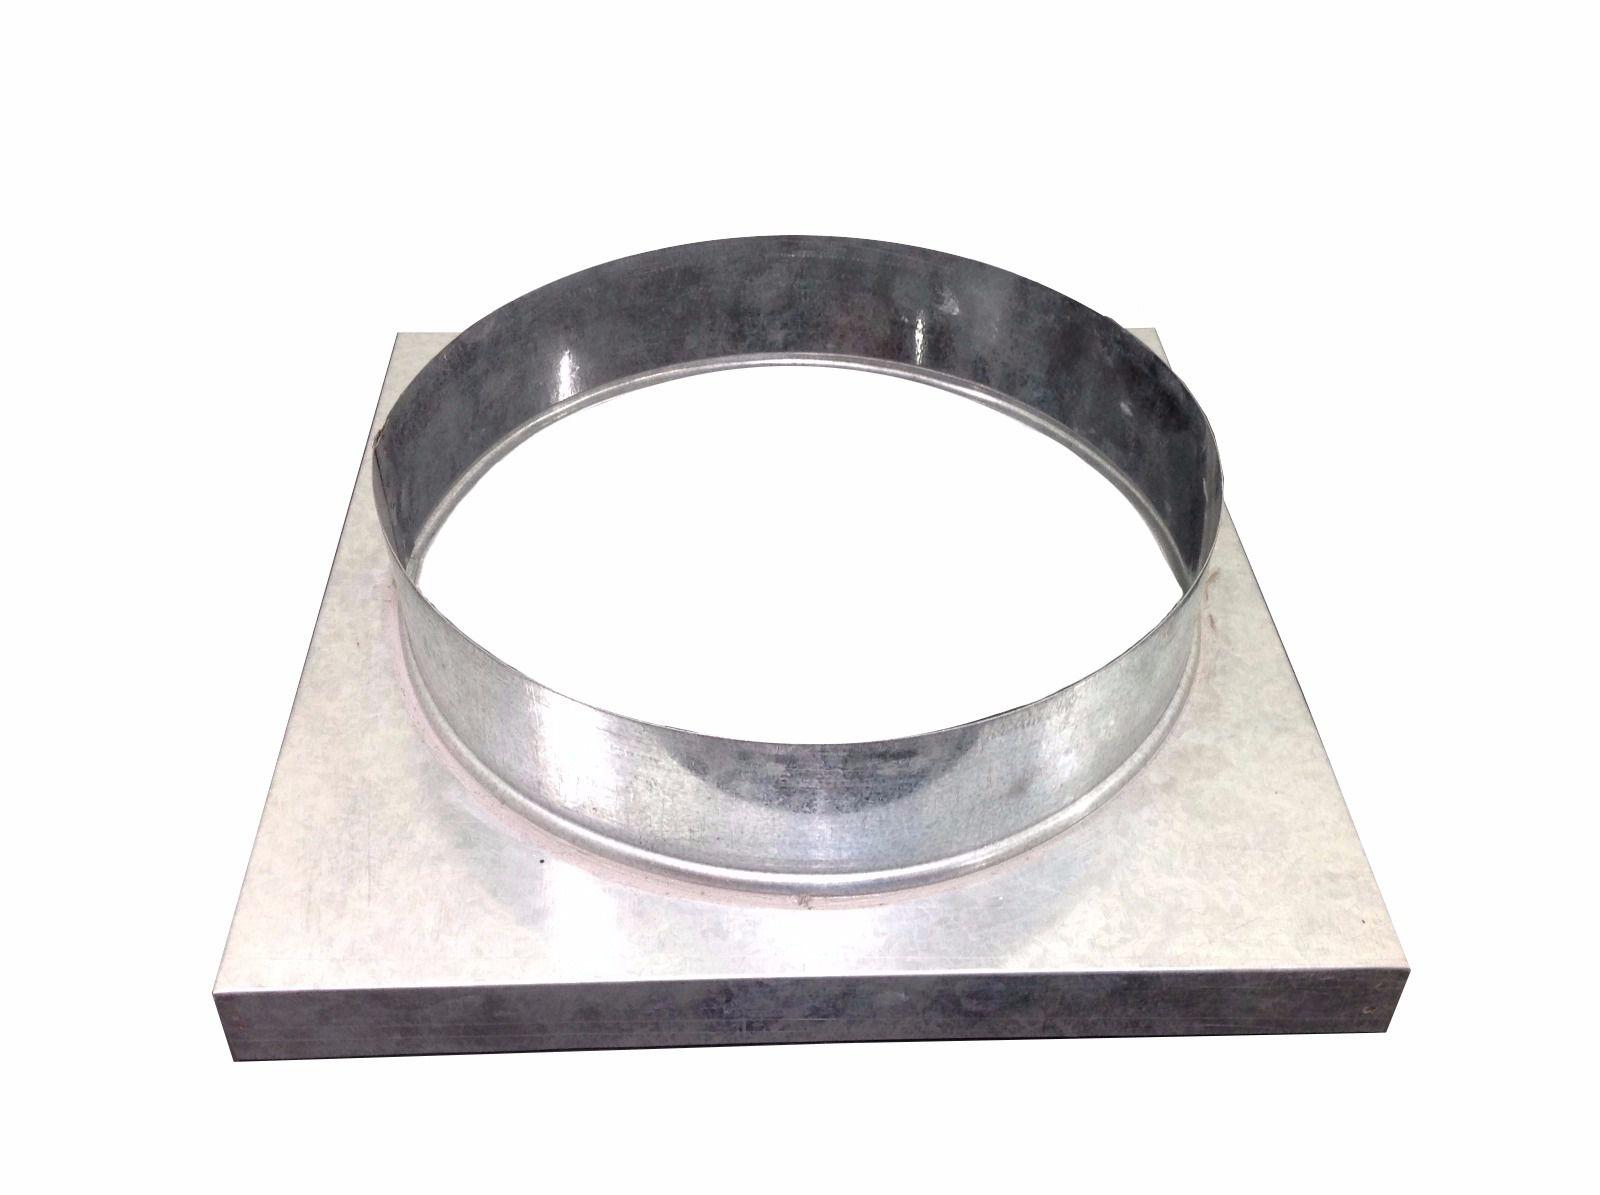 Adaptador galvanizado de quadrado 30,5 x 30,5 cm para redondo 130 mm de diâmetro  - Galvocalhas